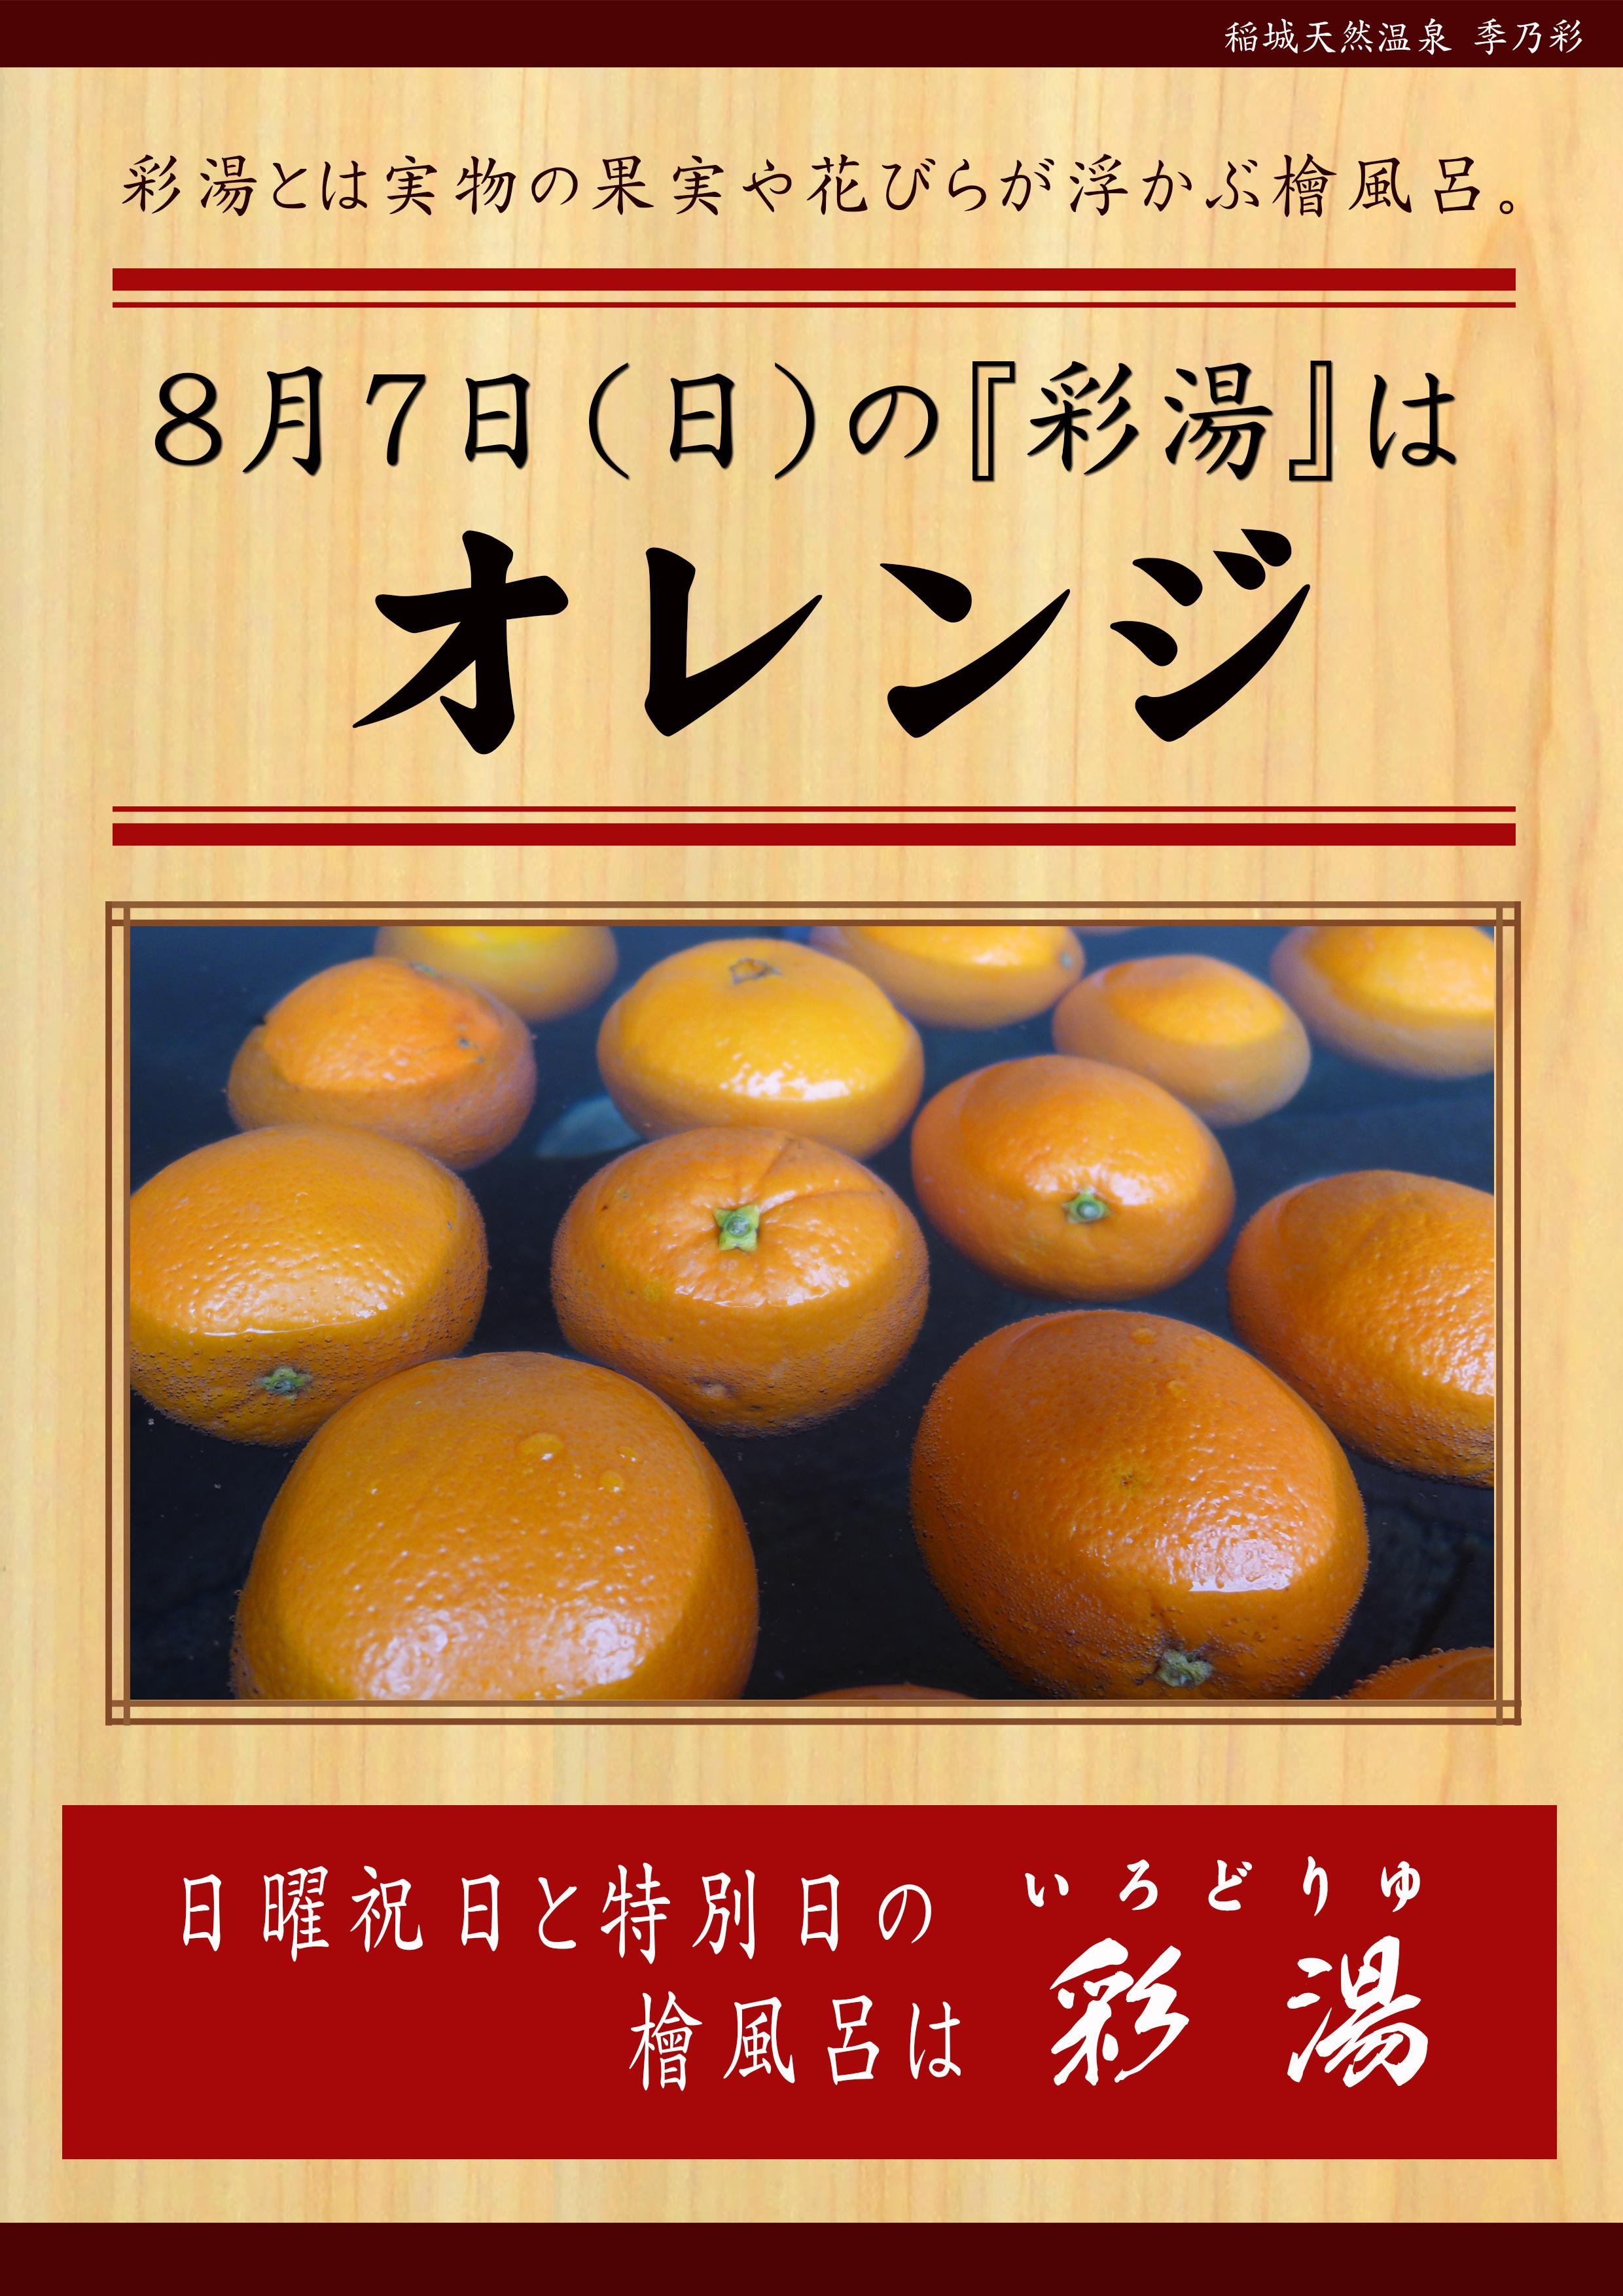 20160807 彩湯 オレンジ